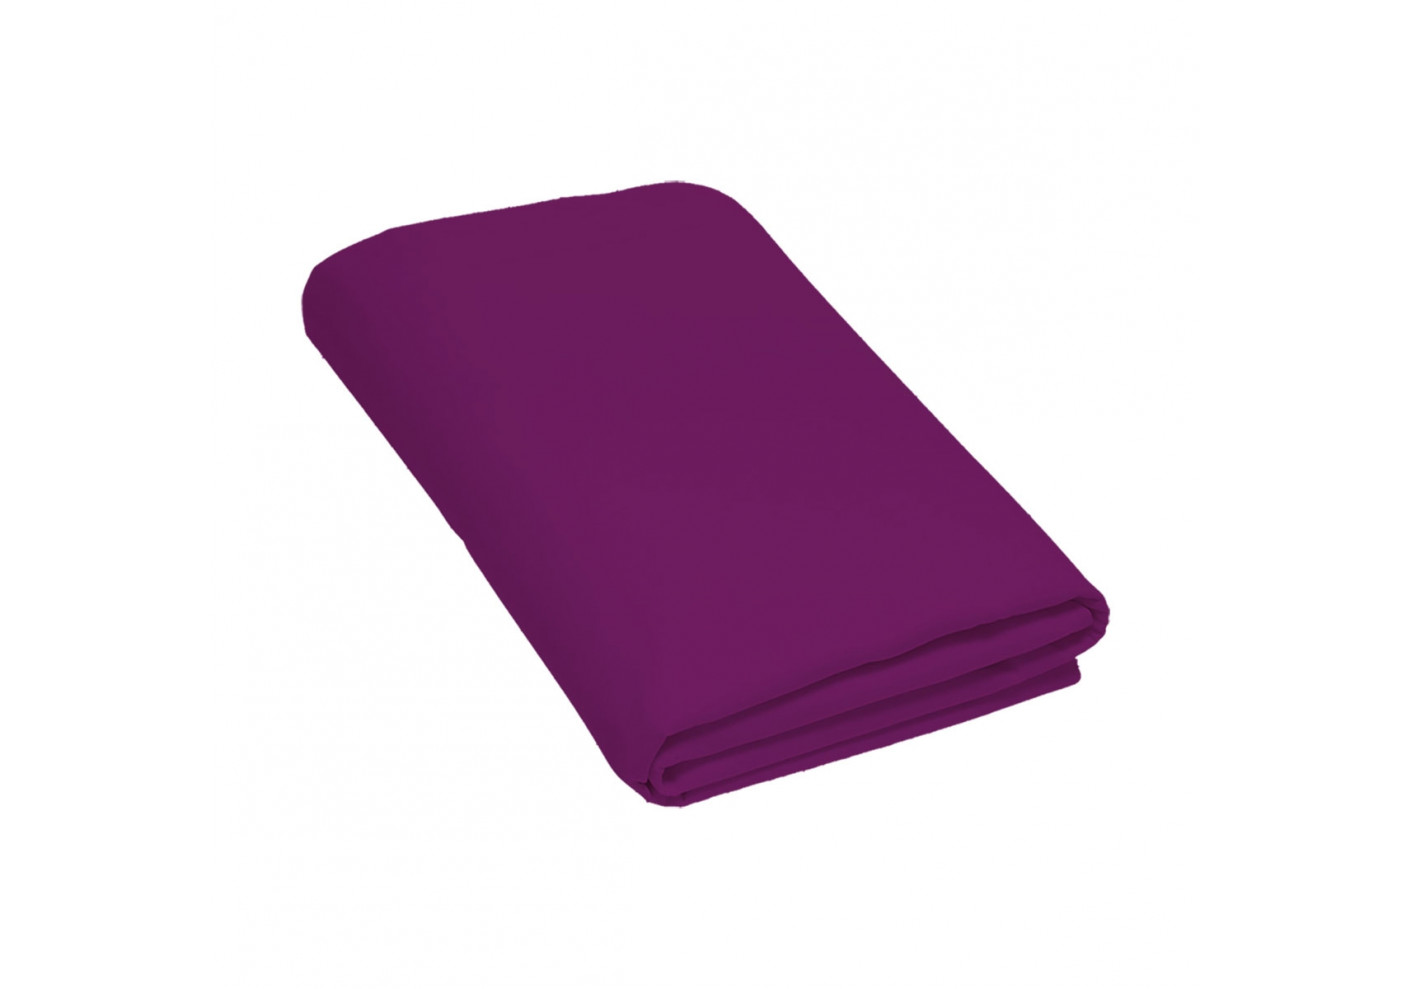 drap plat 270x300 figue matelas et oreillers literie. Black Bedroom Furniture Sets. Home Design Ideas